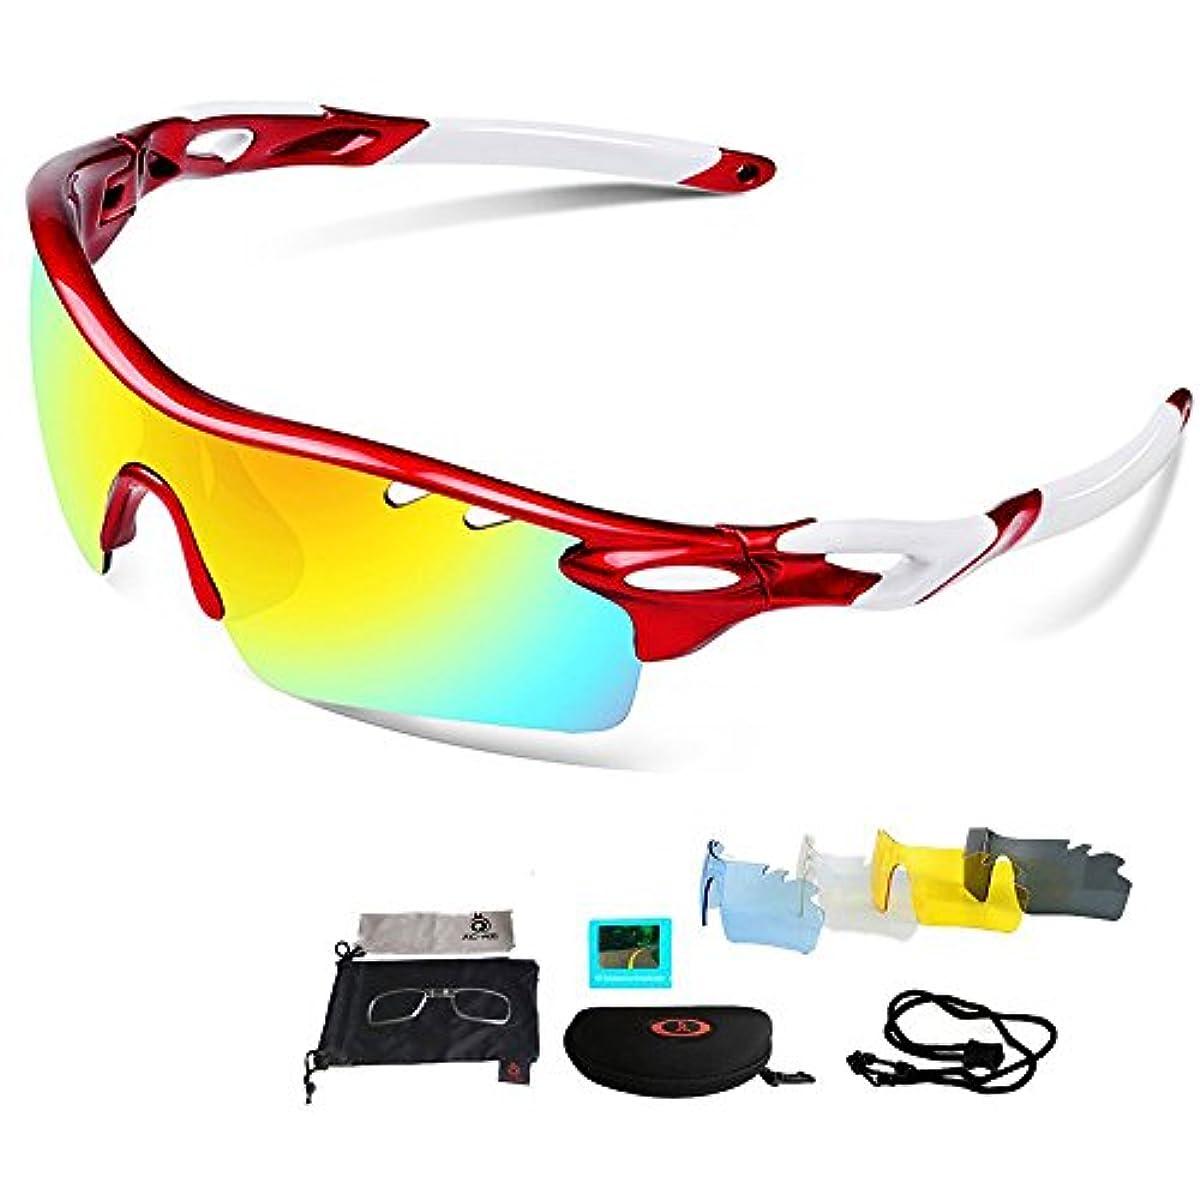 [해외] 스포츠 썬글라스 편광 렌즈 UV400 자외선 컷 초경량 교환 렌즈5 매낚시/자전거/야구/골프/런닝/드라이기이브/등산 편광 썬글라스 세트